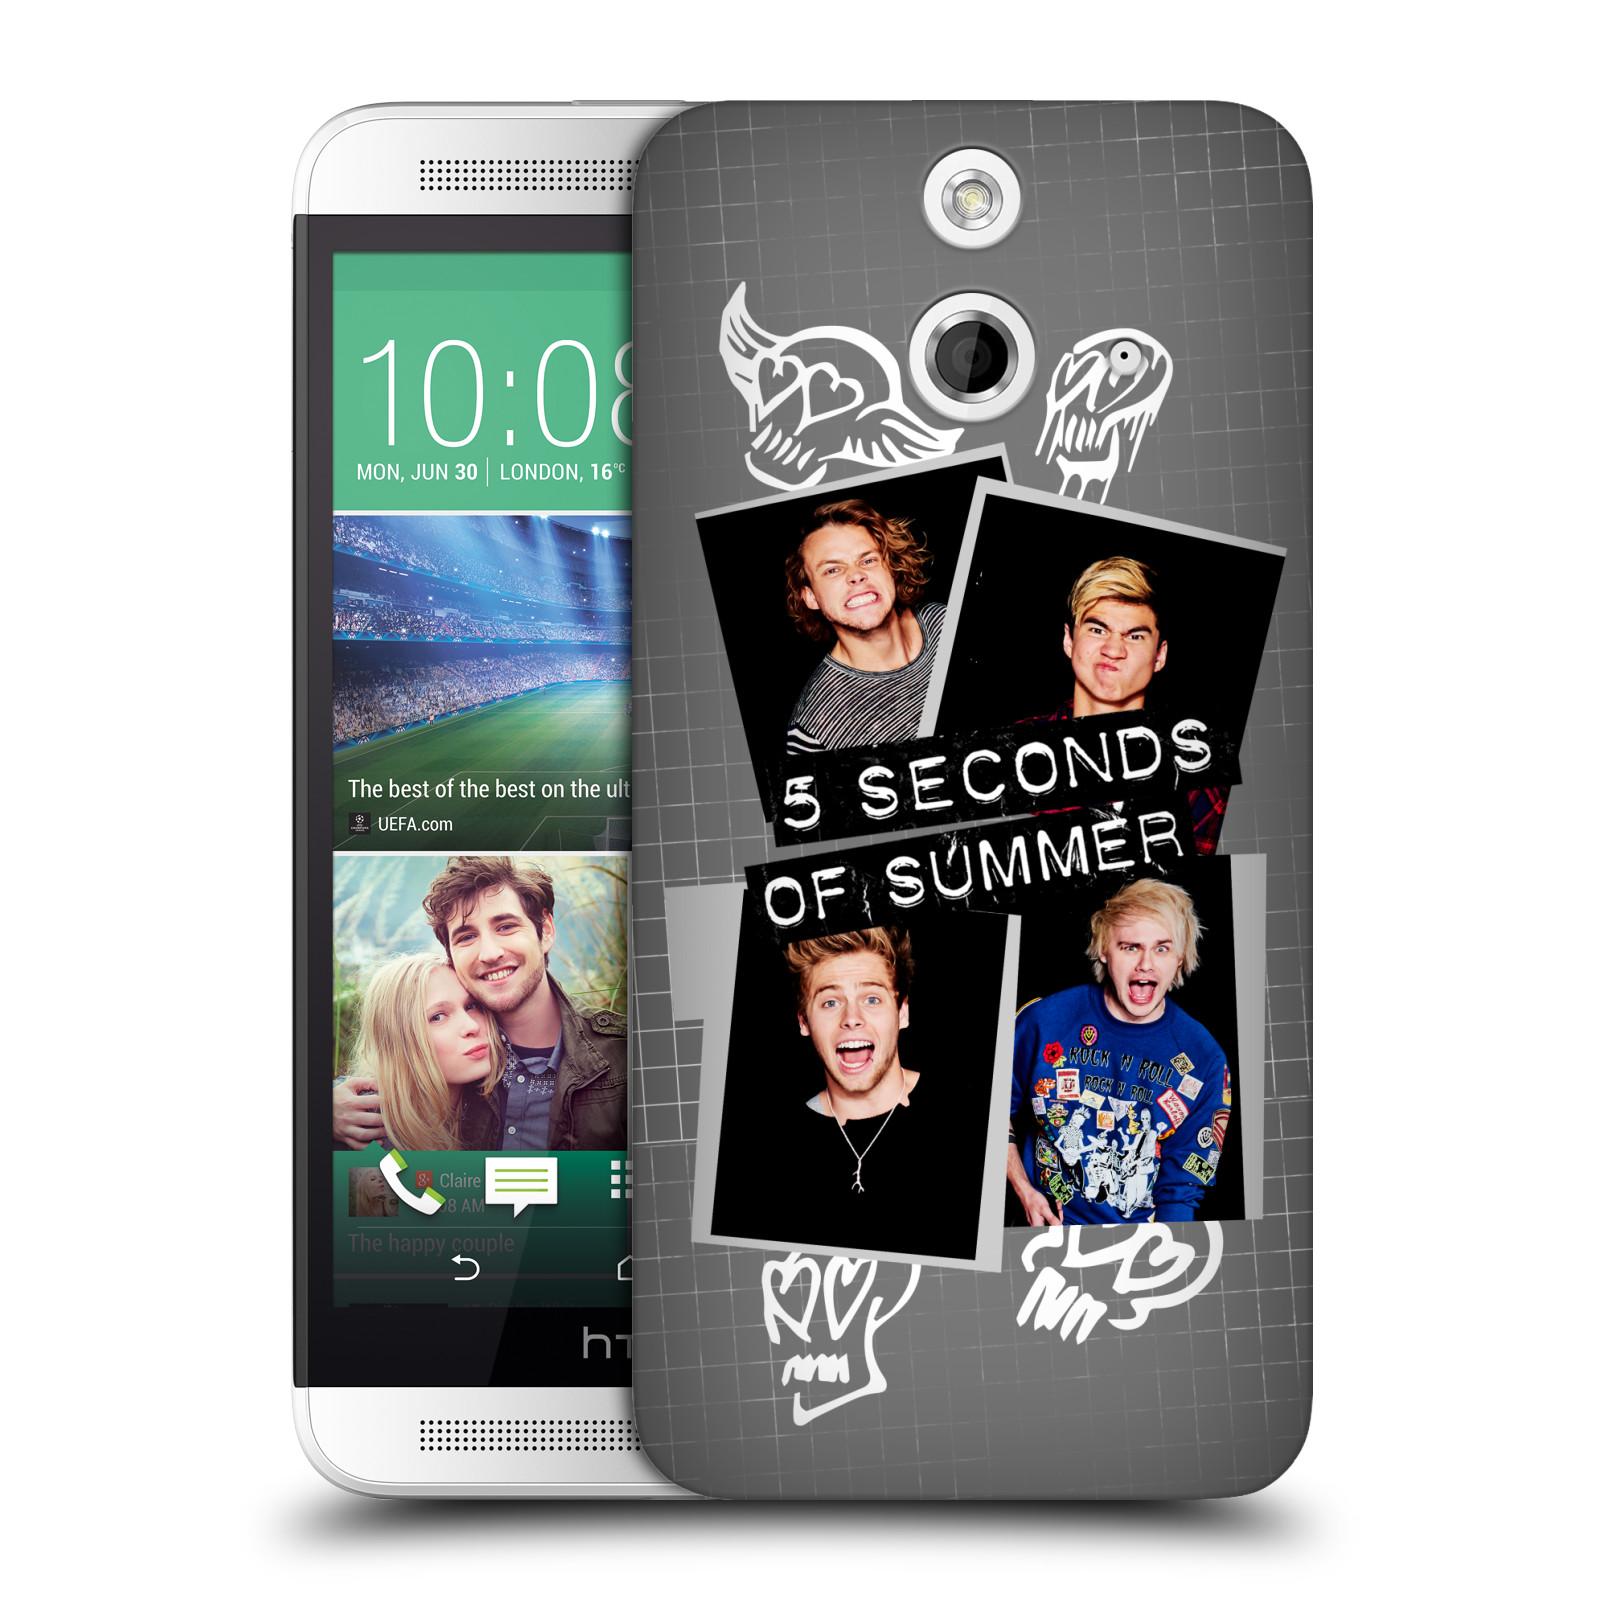 Plastové pouzdro na mobil HTC ONE E8 HEAD CASE 5 Seconds of Summer - Band Grey (Plastový kryt či obal na mobilní telefon licencovaným motivem 5 Seconds of Summer pro HTC ONE E8)